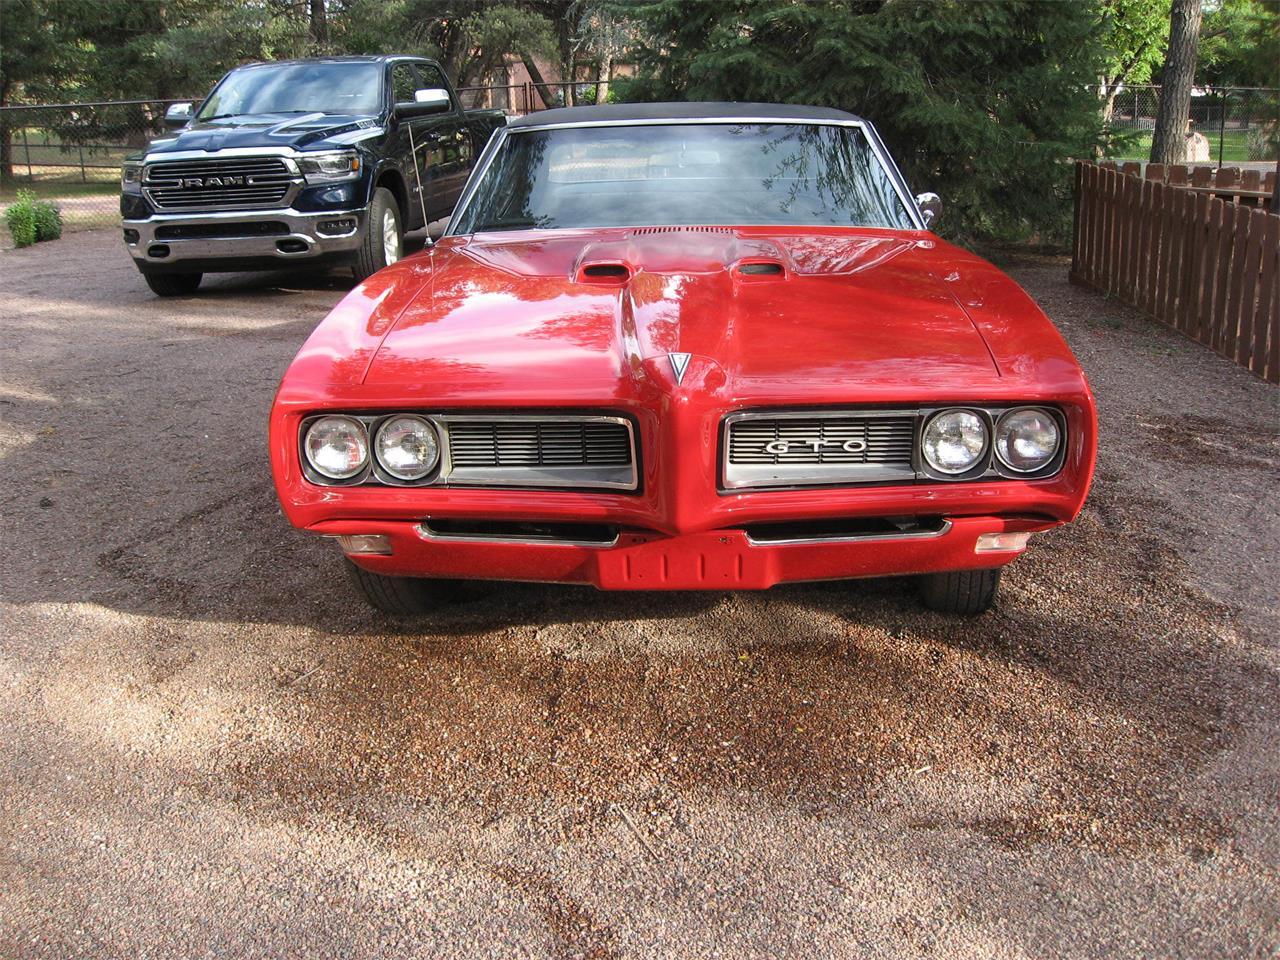 For Sale: 1968 Pontiac GTO in Payson, Arizona